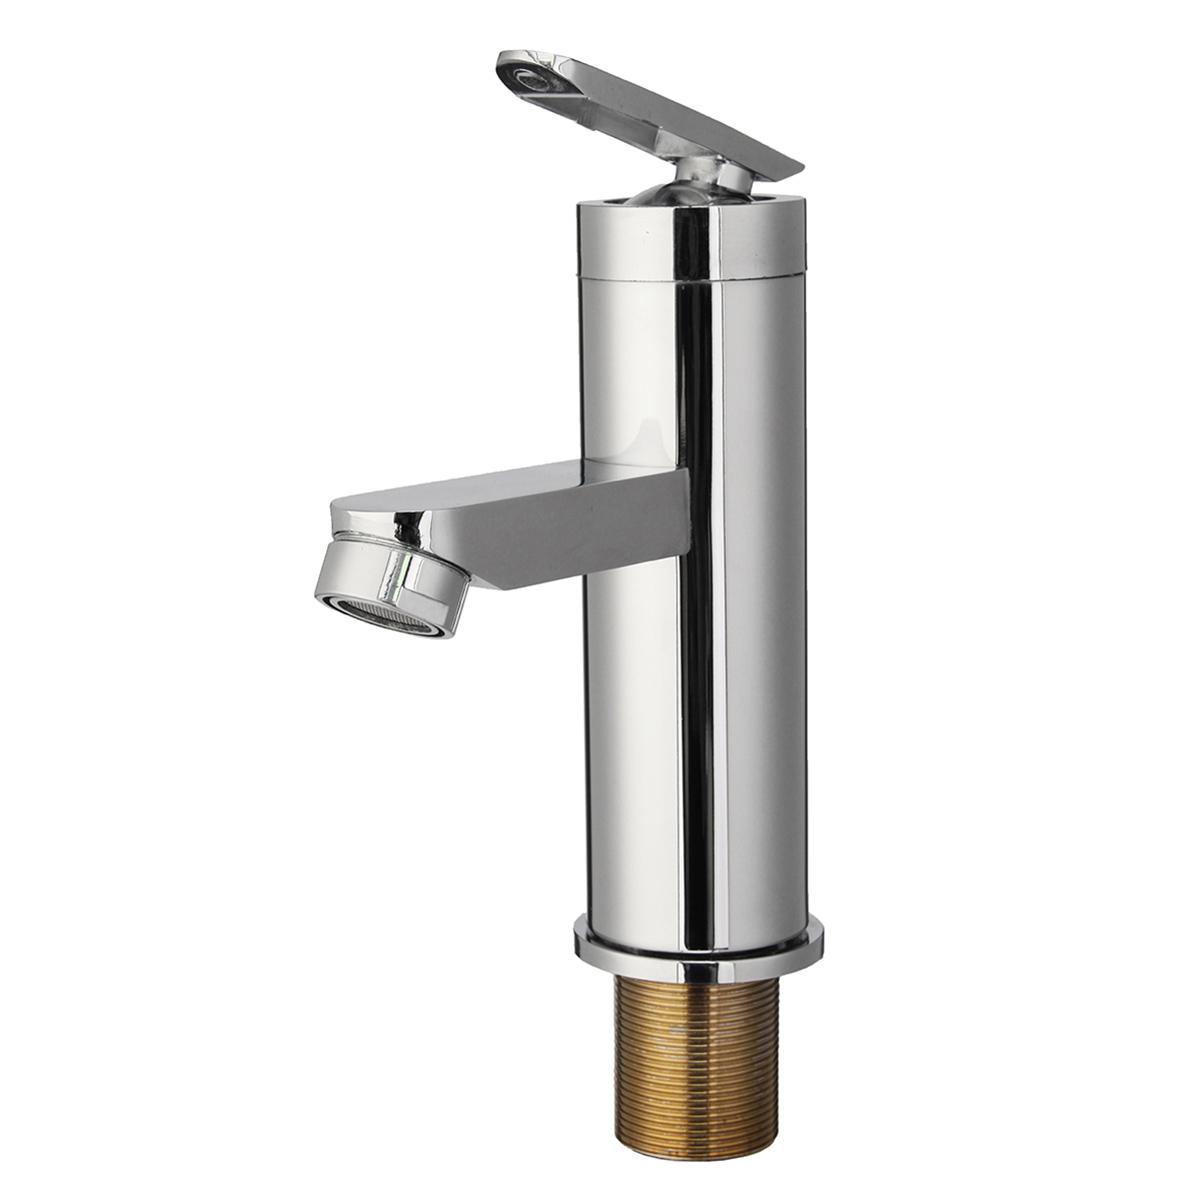 Смеситель для раковины в ванной комнате с двумя отверстиями для горячей и холодной воды